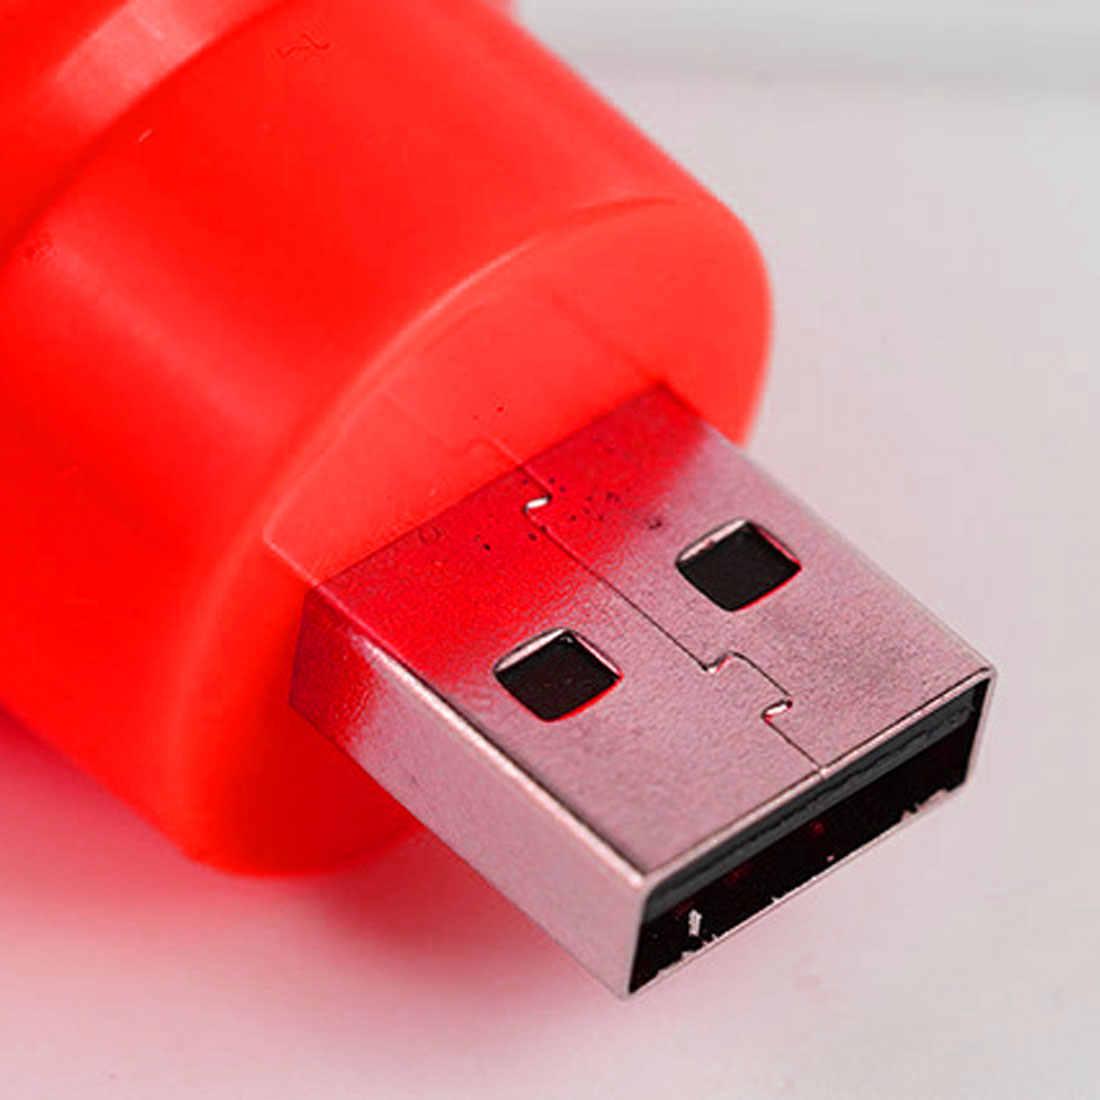 Мини светодиодная лампа USB Круглый Открытый фонарик ночное аварийное освещение лампа для ноутбука компьютер энергосберегающий свет для чтения лампа для кемпинга